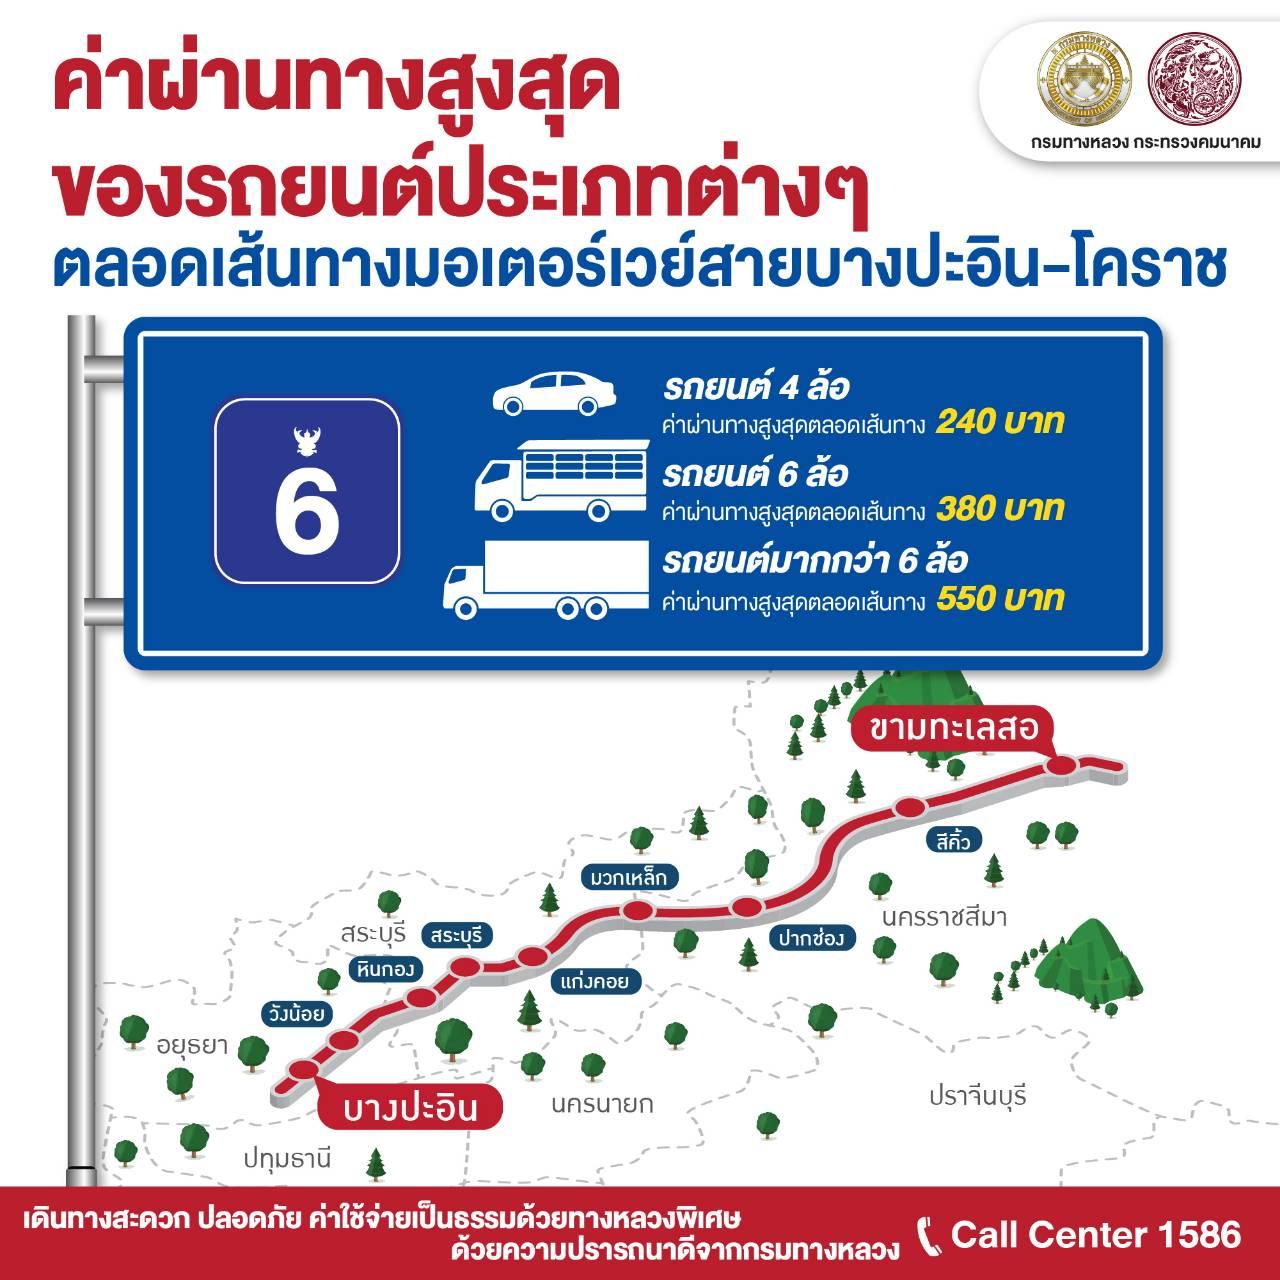 ค่าผ่านทาง 3 เส้นโคราช พัทยา กาญจนบุรี